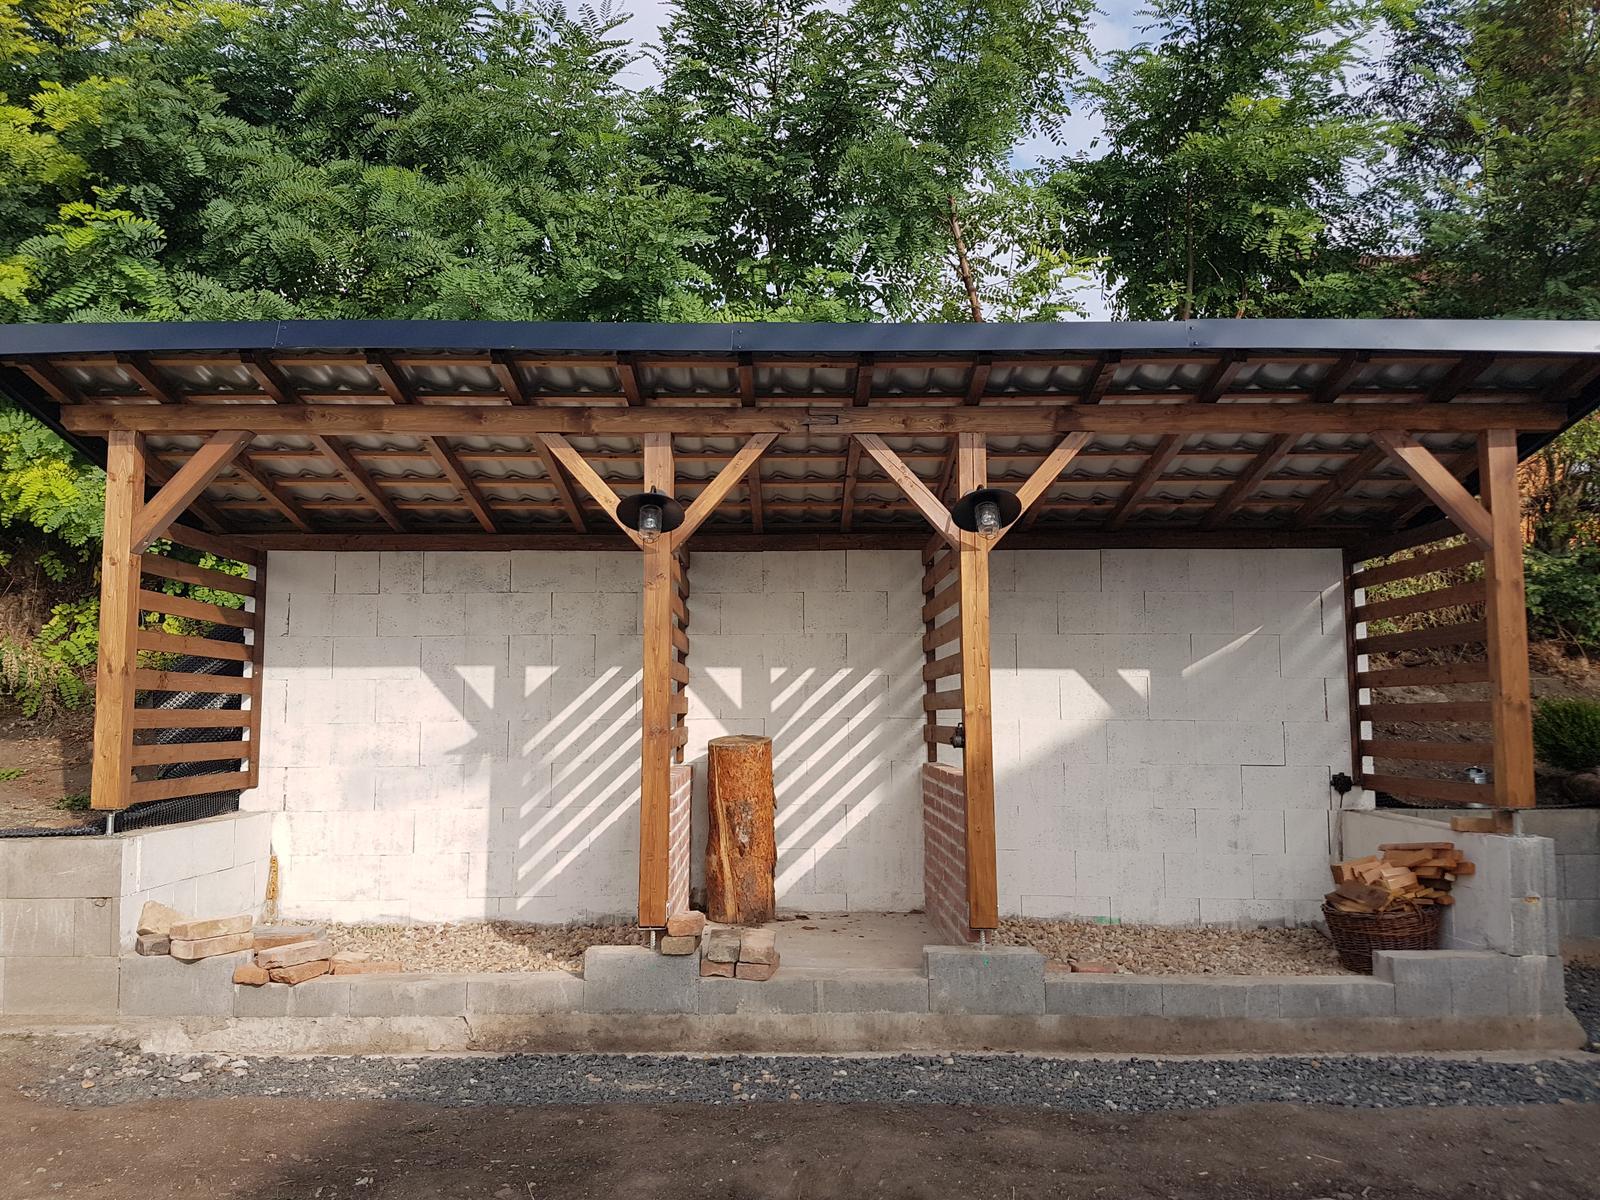 Drevník a kafé kútik - projekt roku  2018 - Keby náááhodou začalo pršať už sme v suchu. Síce máme strechu ale zatiaľ bez dreva. Ale aj to bude 😇